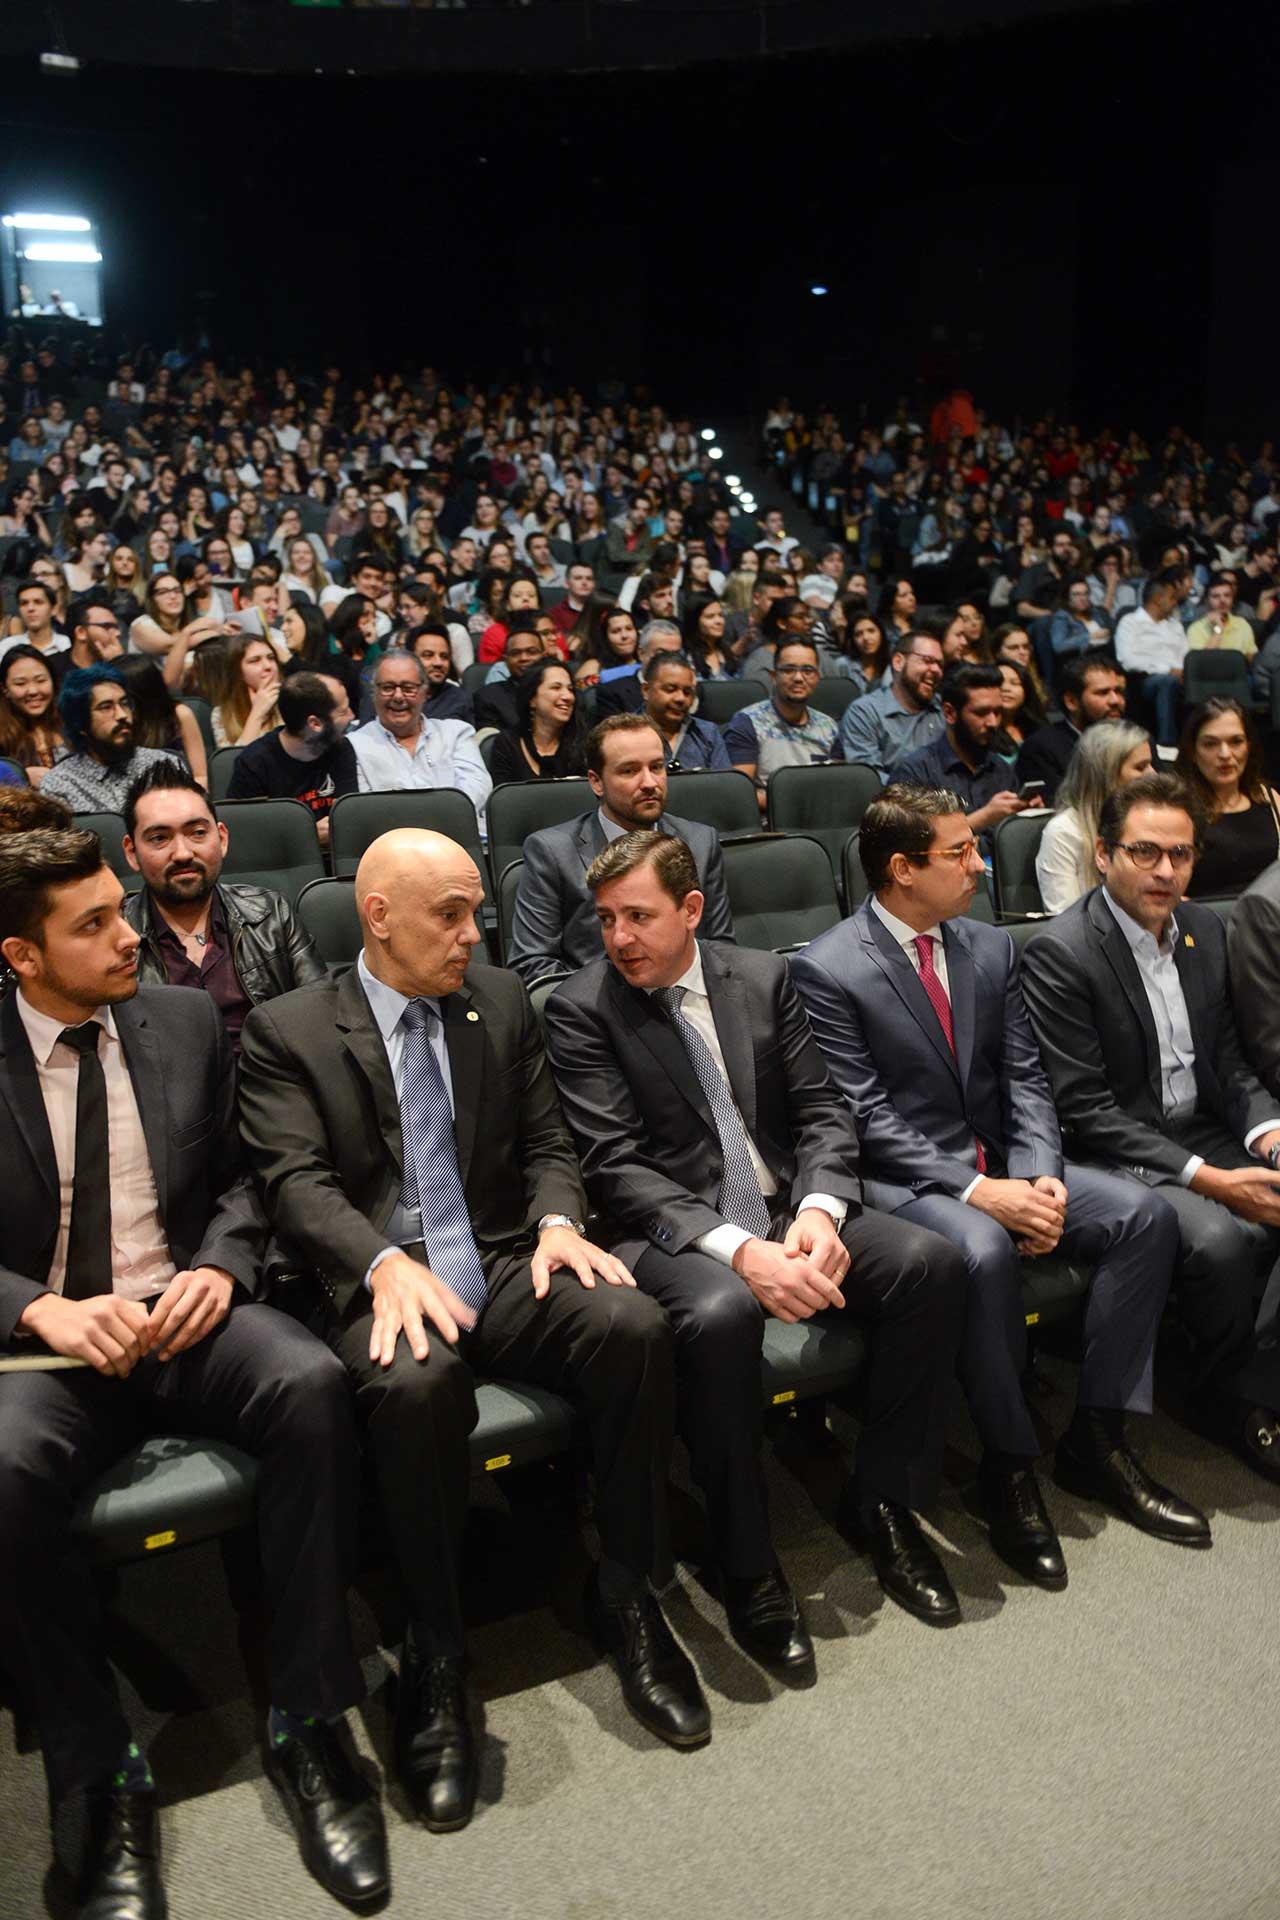 Convidado pelo prefeito Orlando Morando, ministro Alexandre de Moraes compartilha seu conhecimento sobre a Carta Magna para mais de 1.700 estudantes da Faculdade de Direito